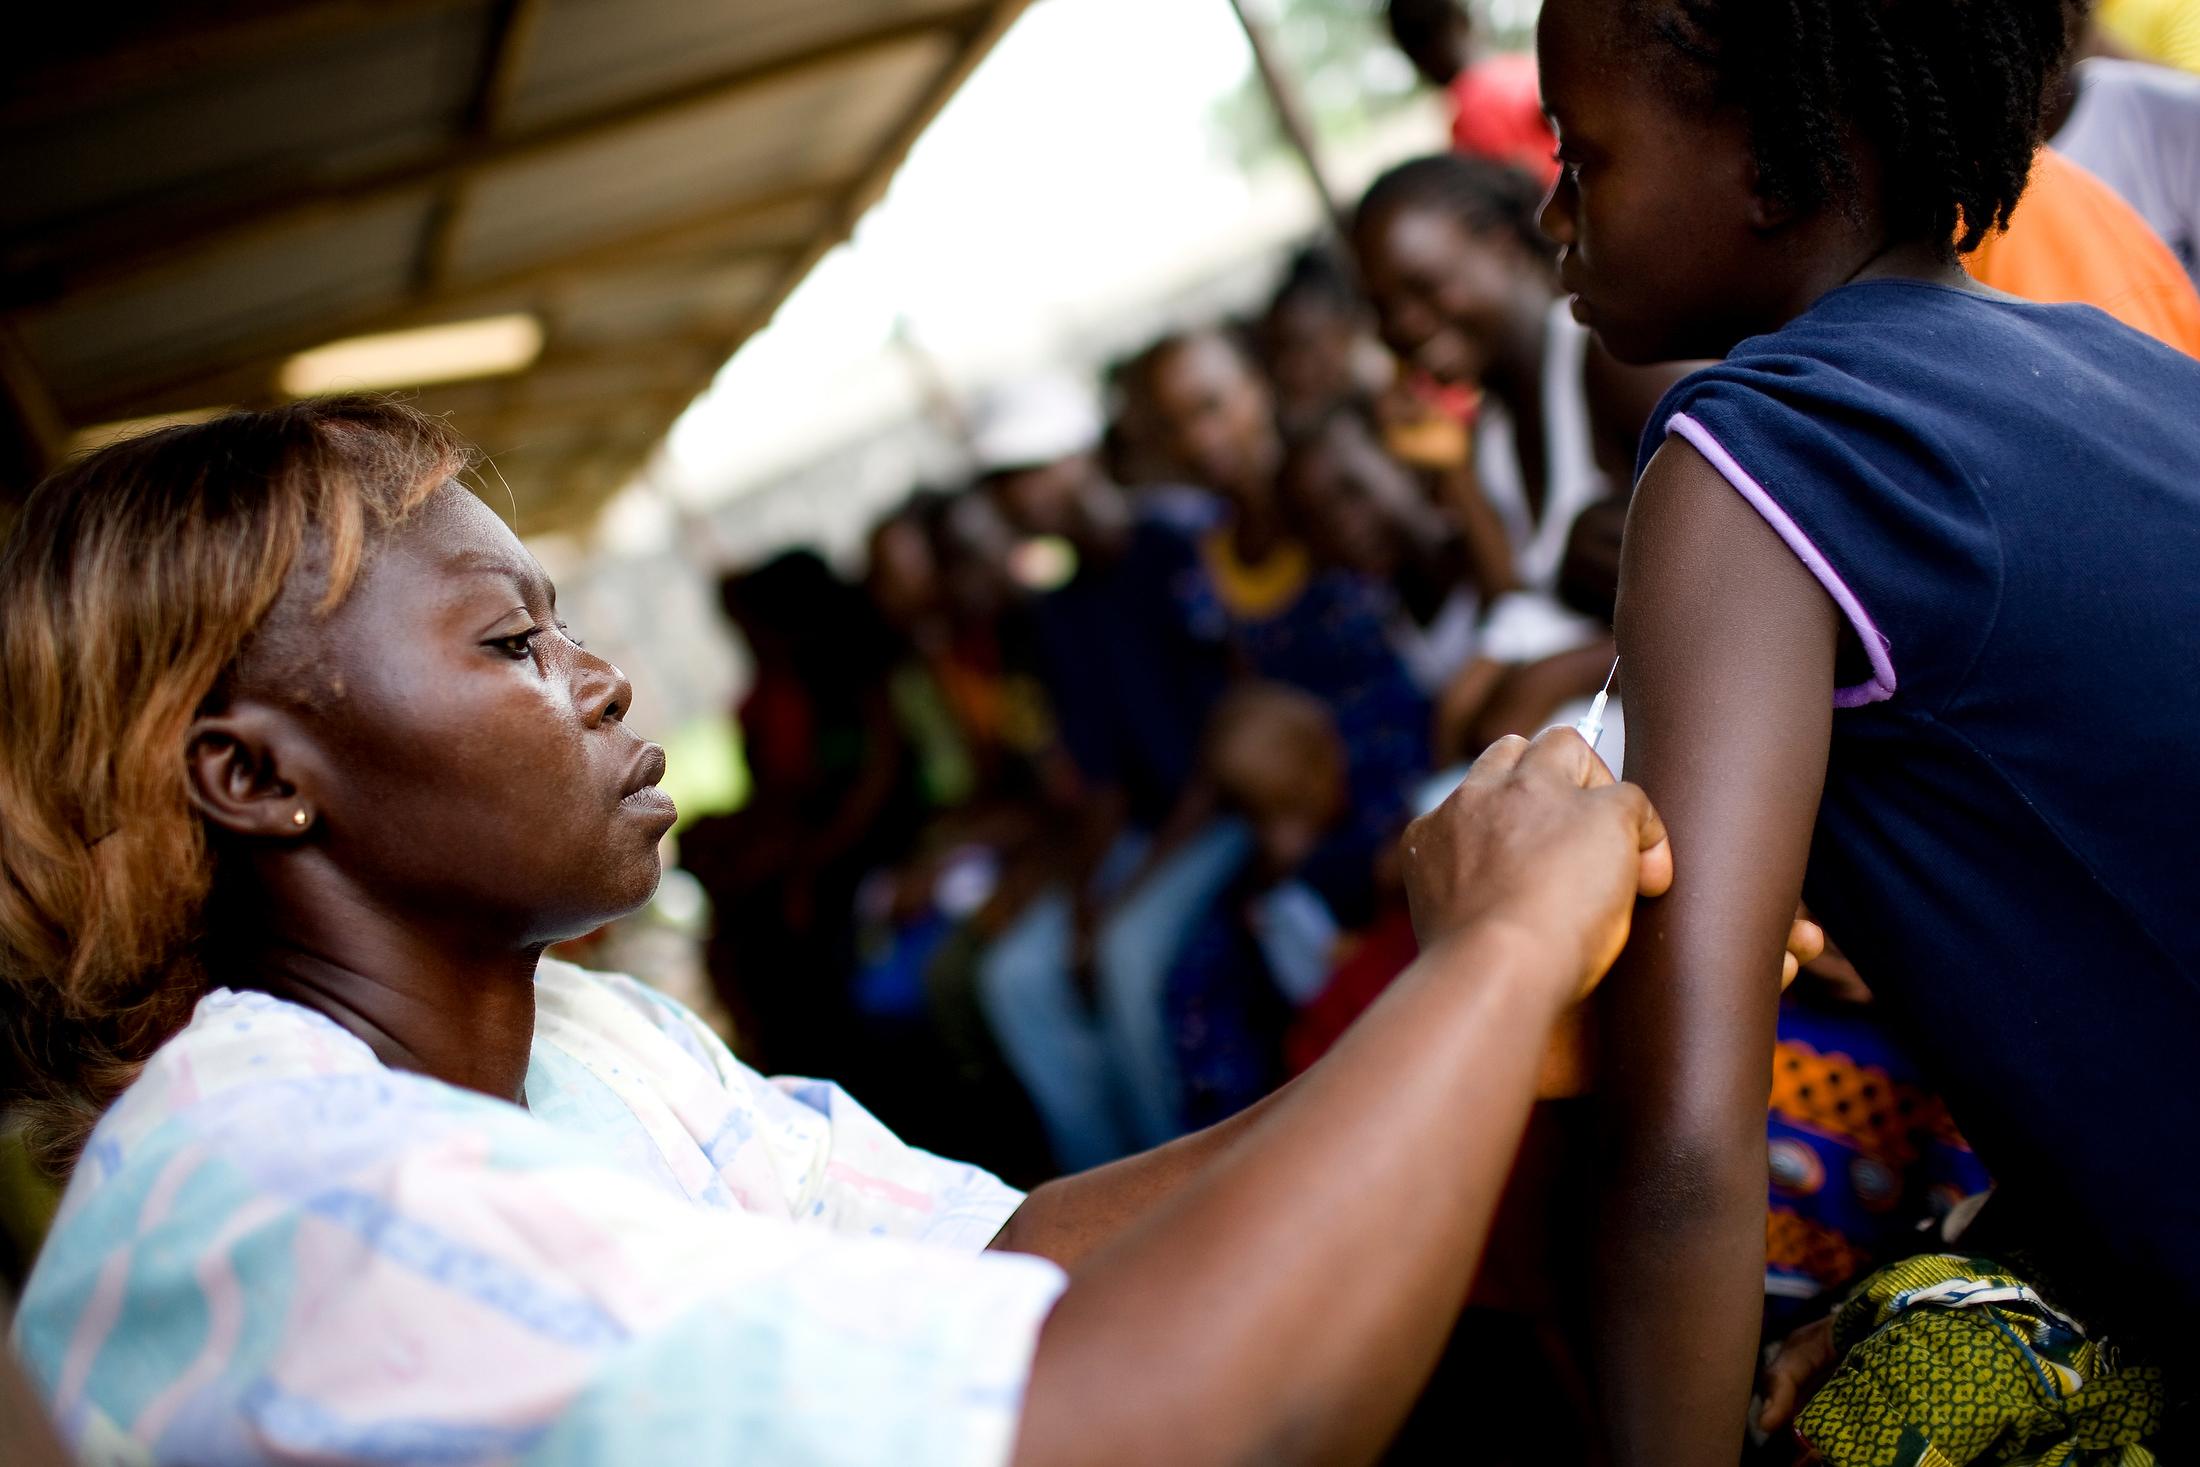 Mortes por sarampo diminuíram 85% graças à vacinação